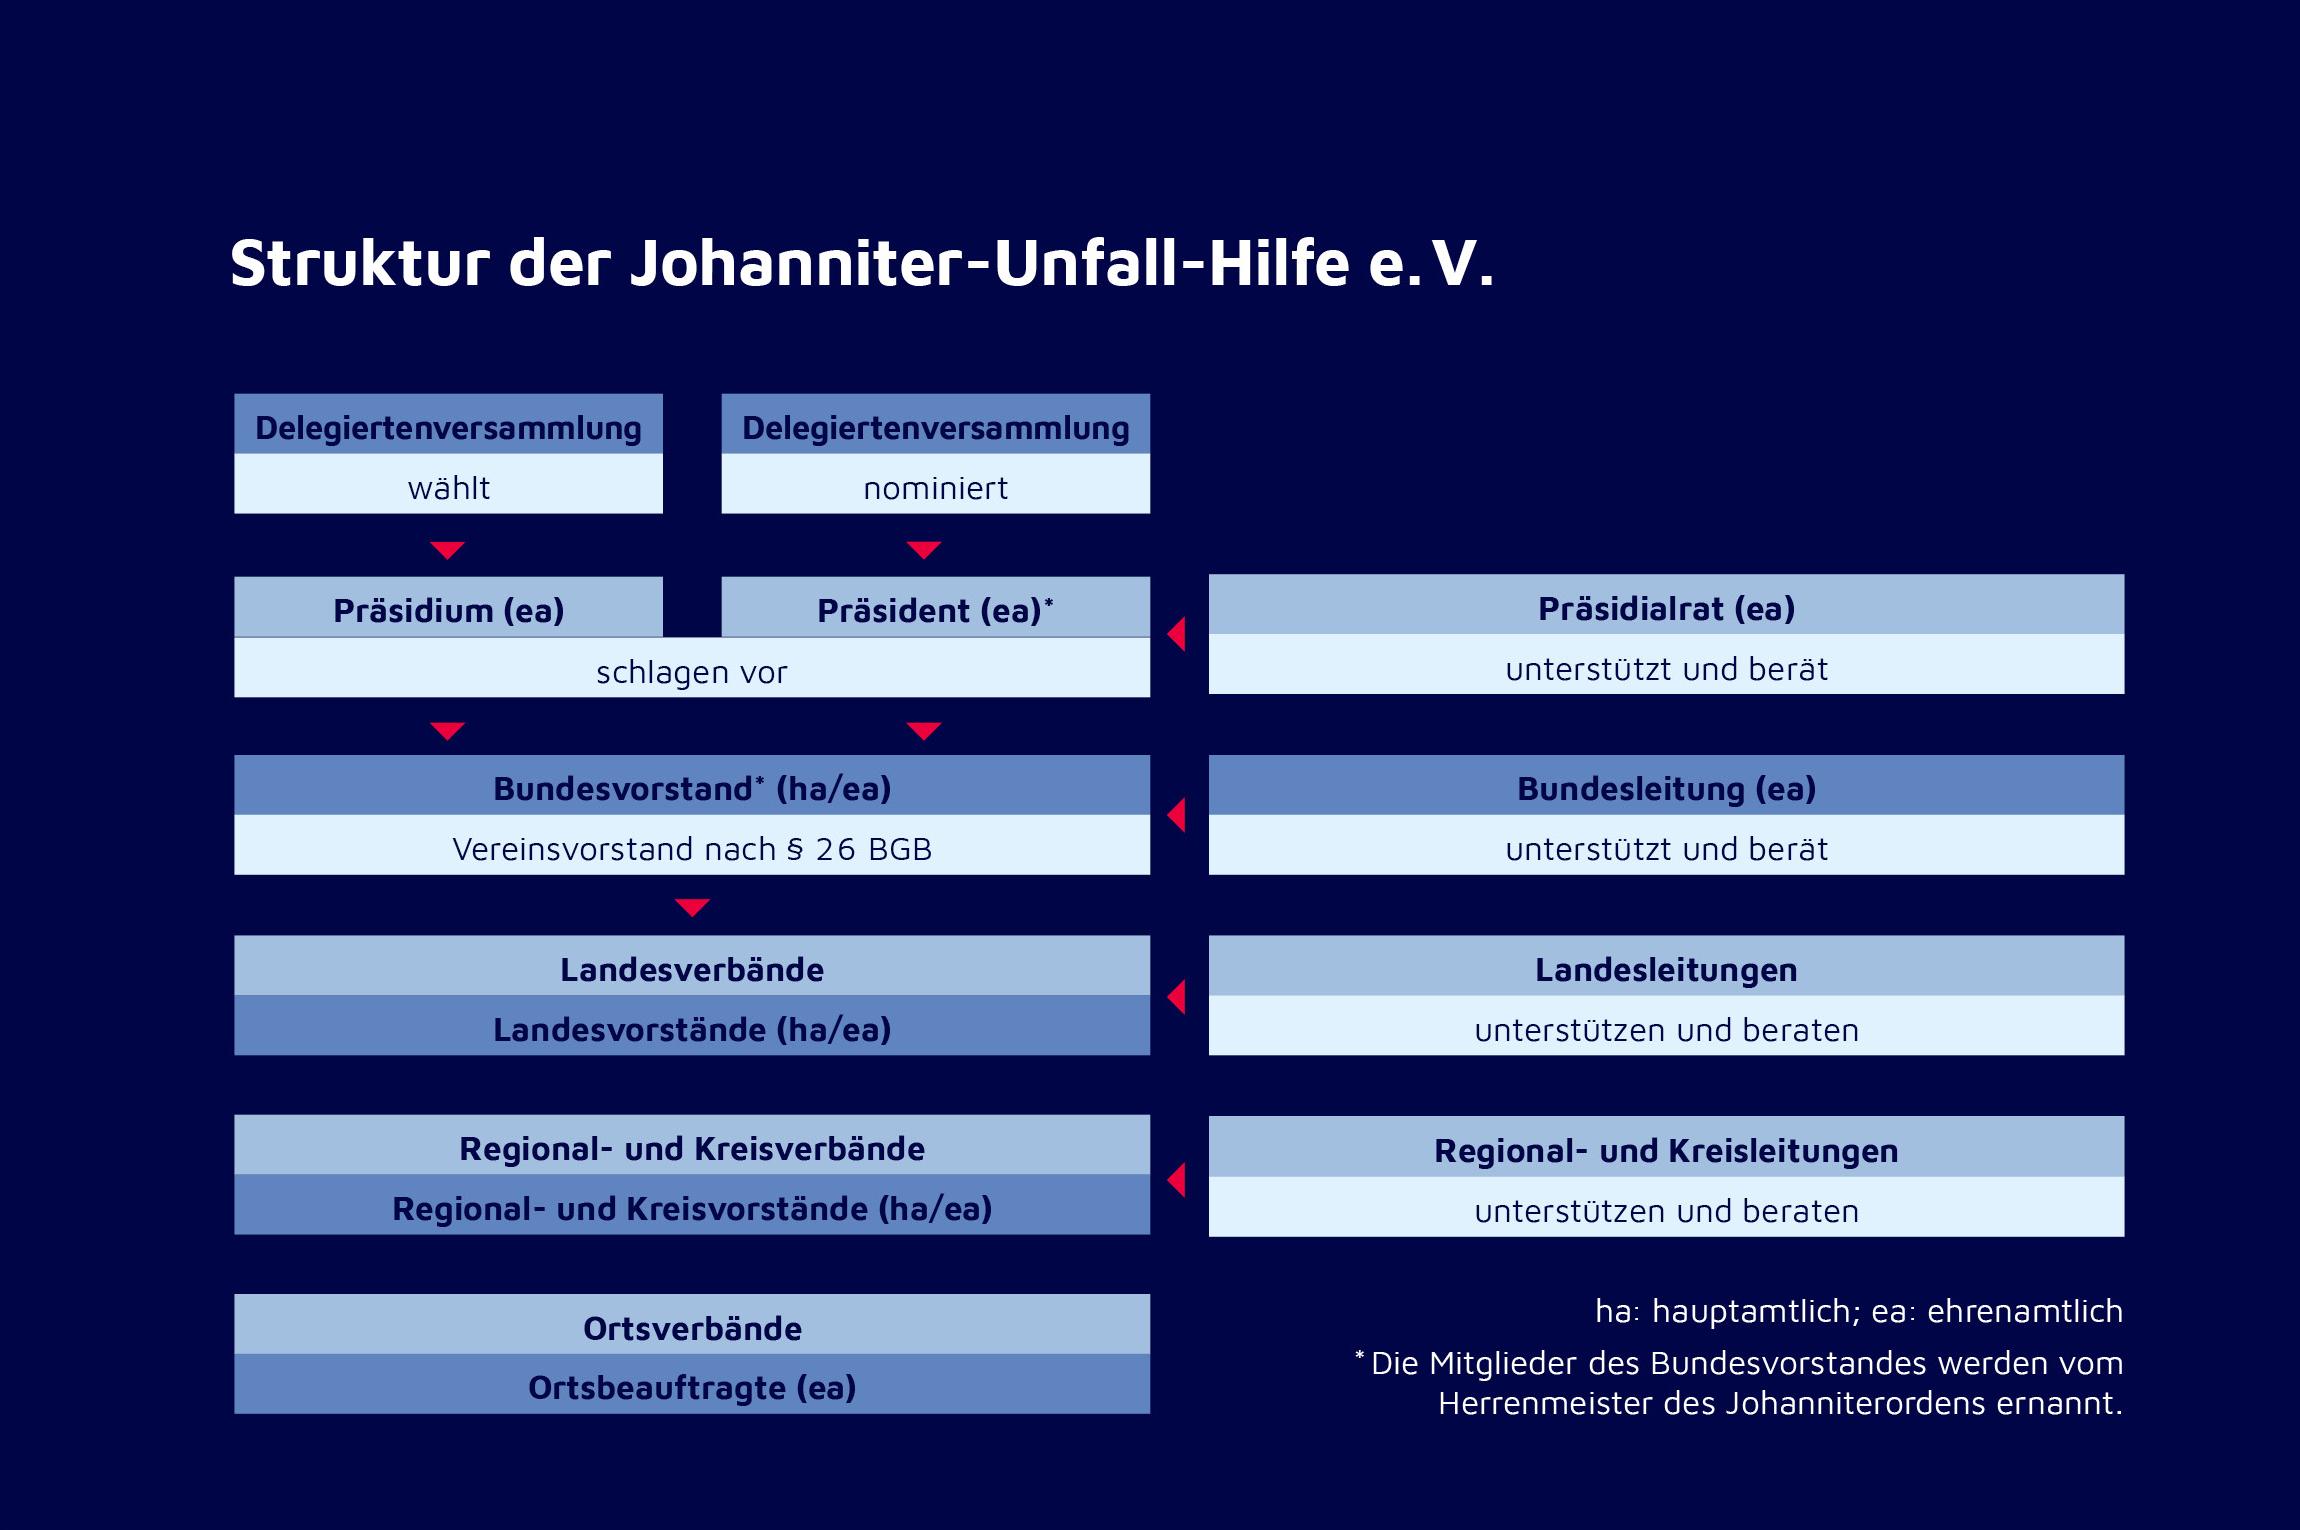 Organisationsstruktur der Johanniter-Unfall-Hilfe e.V. in Deutschland.